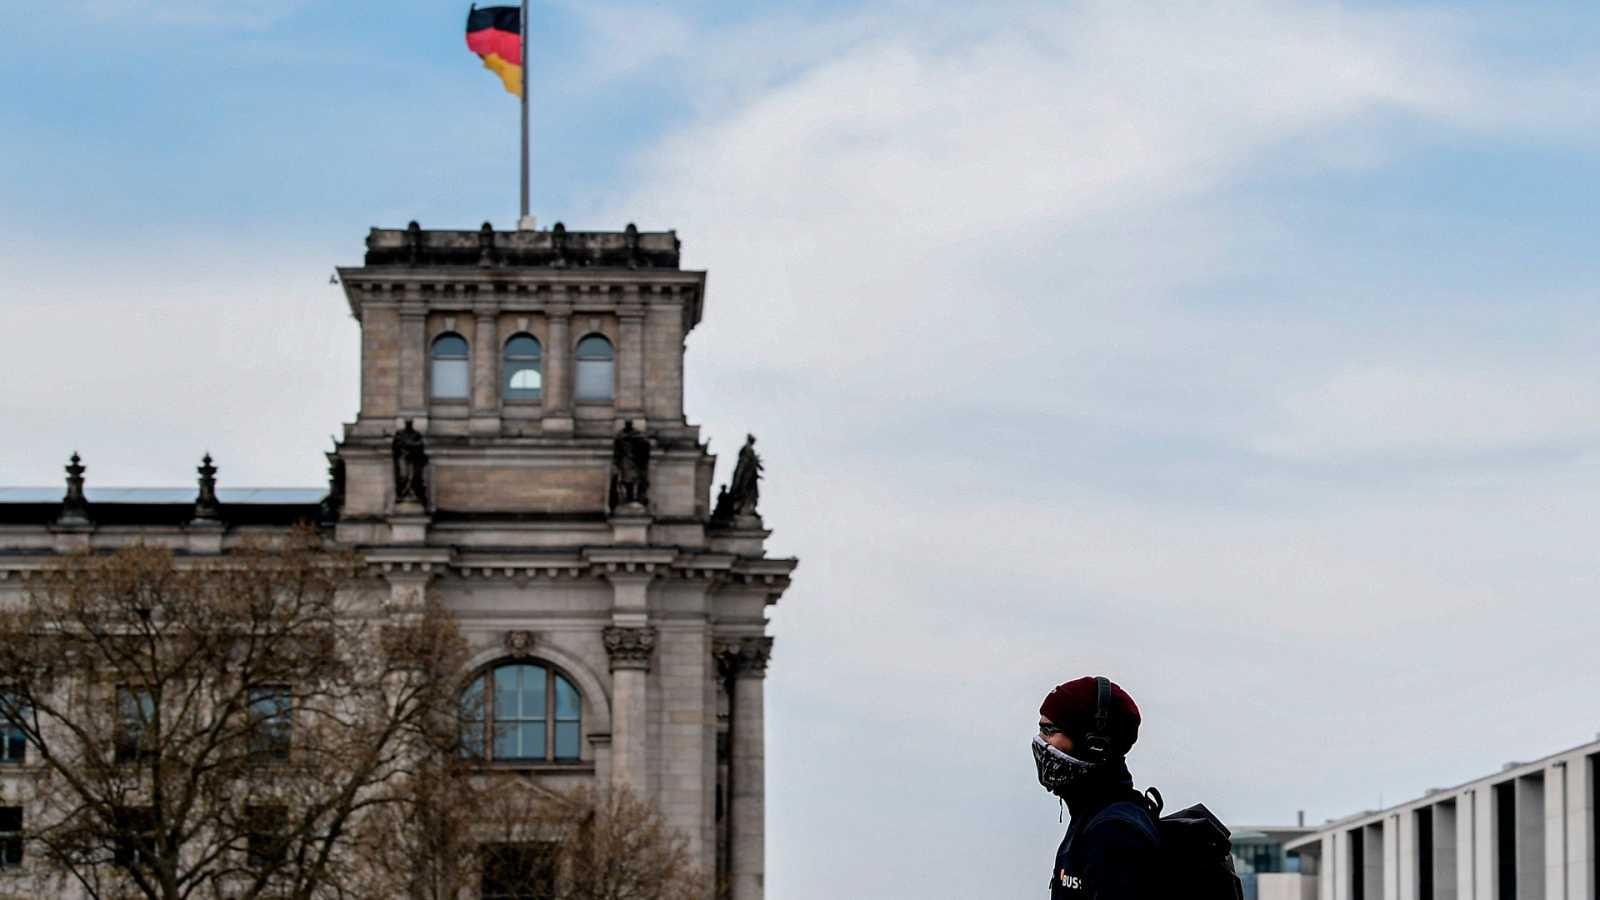 Un hombre con una máscara protectora camina enfrente del Bundestag, el parlamento alemán